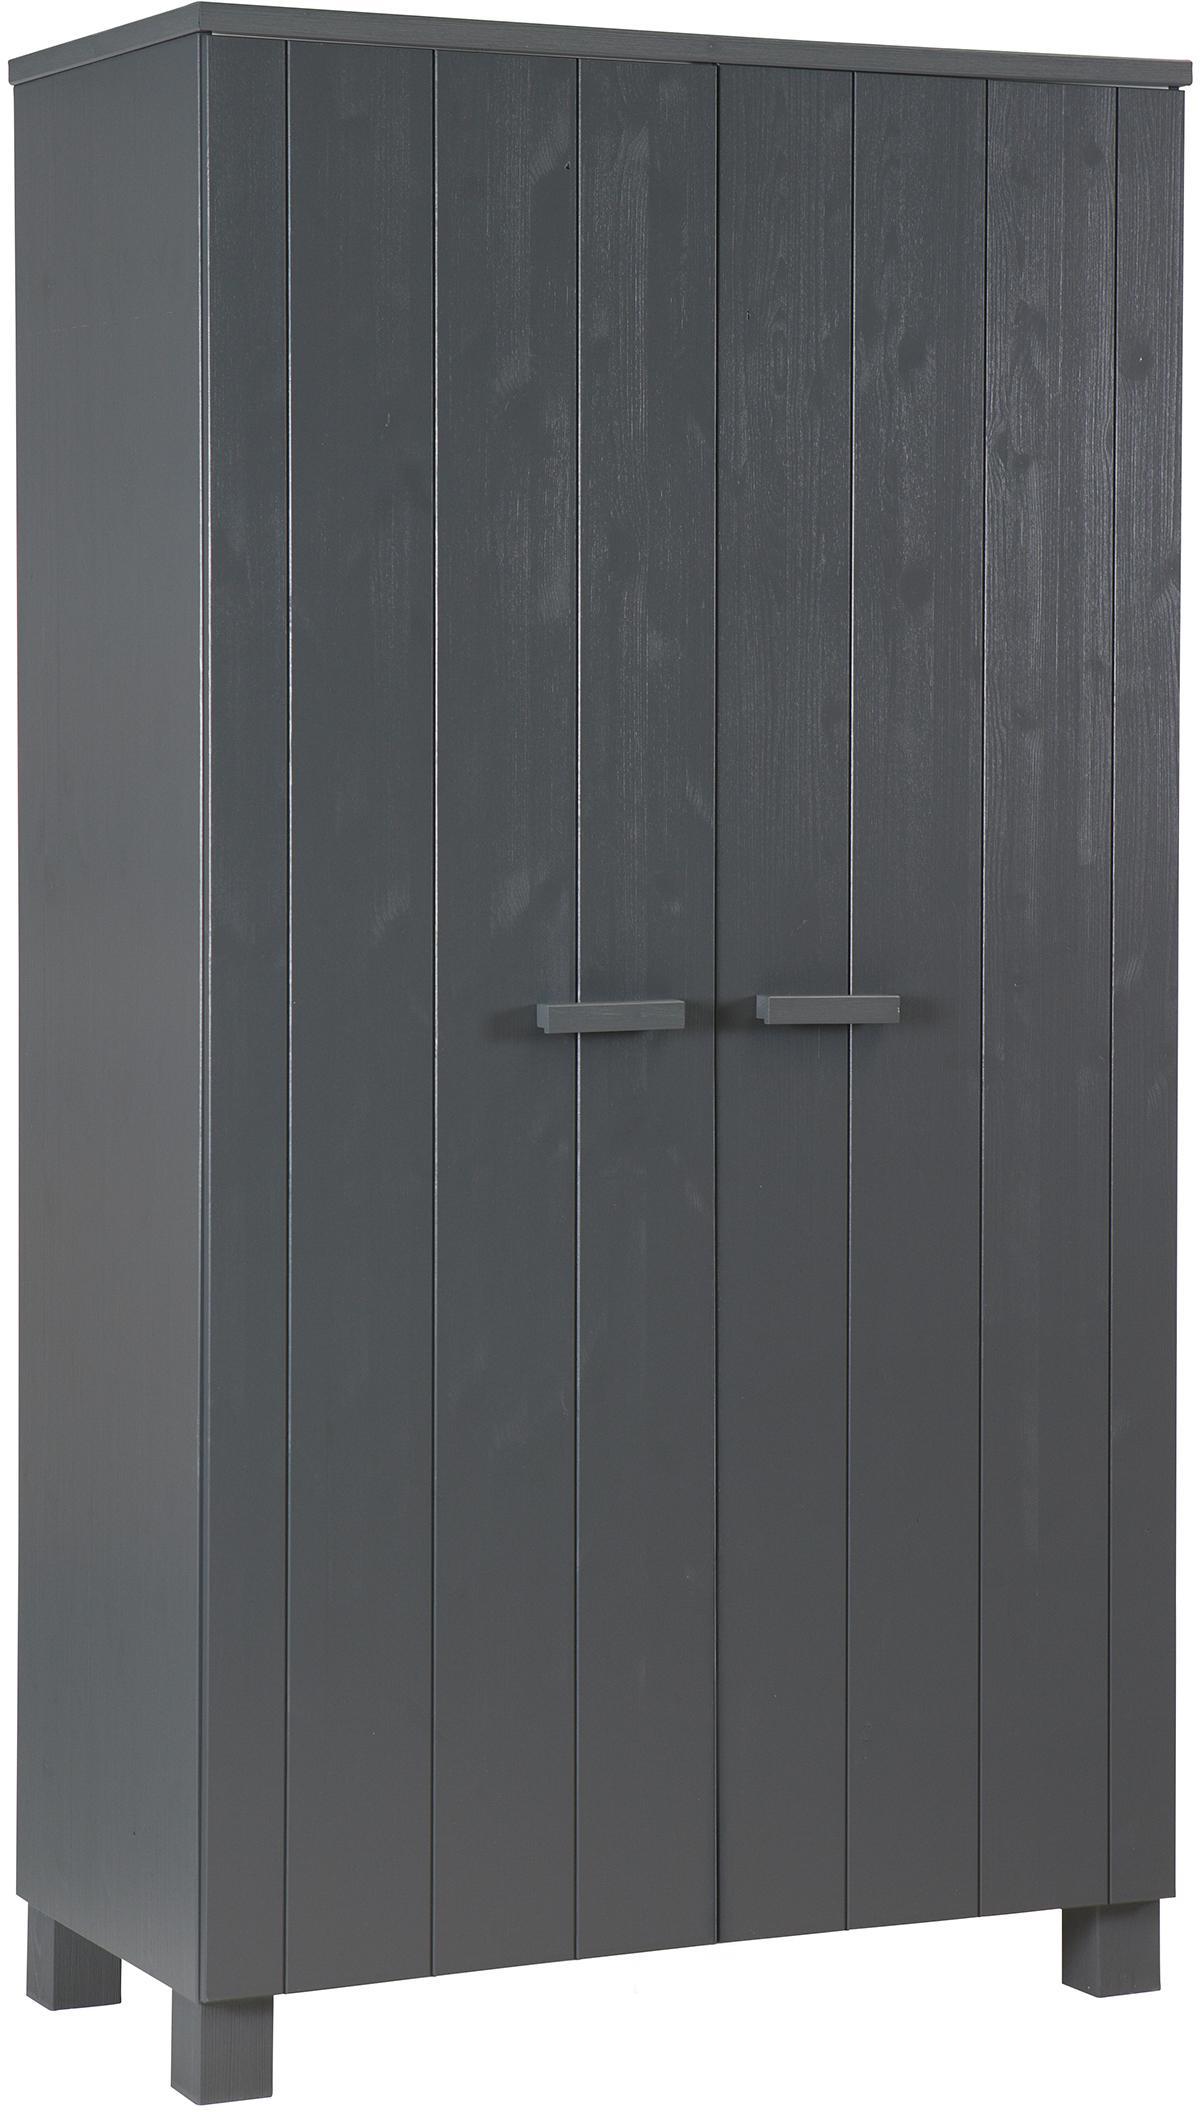 Szafa z drewna sosnowego Dennis, Korpus: drewno sosnowe, szczotkow, Stalowoszary, S 111 x W 202 cm